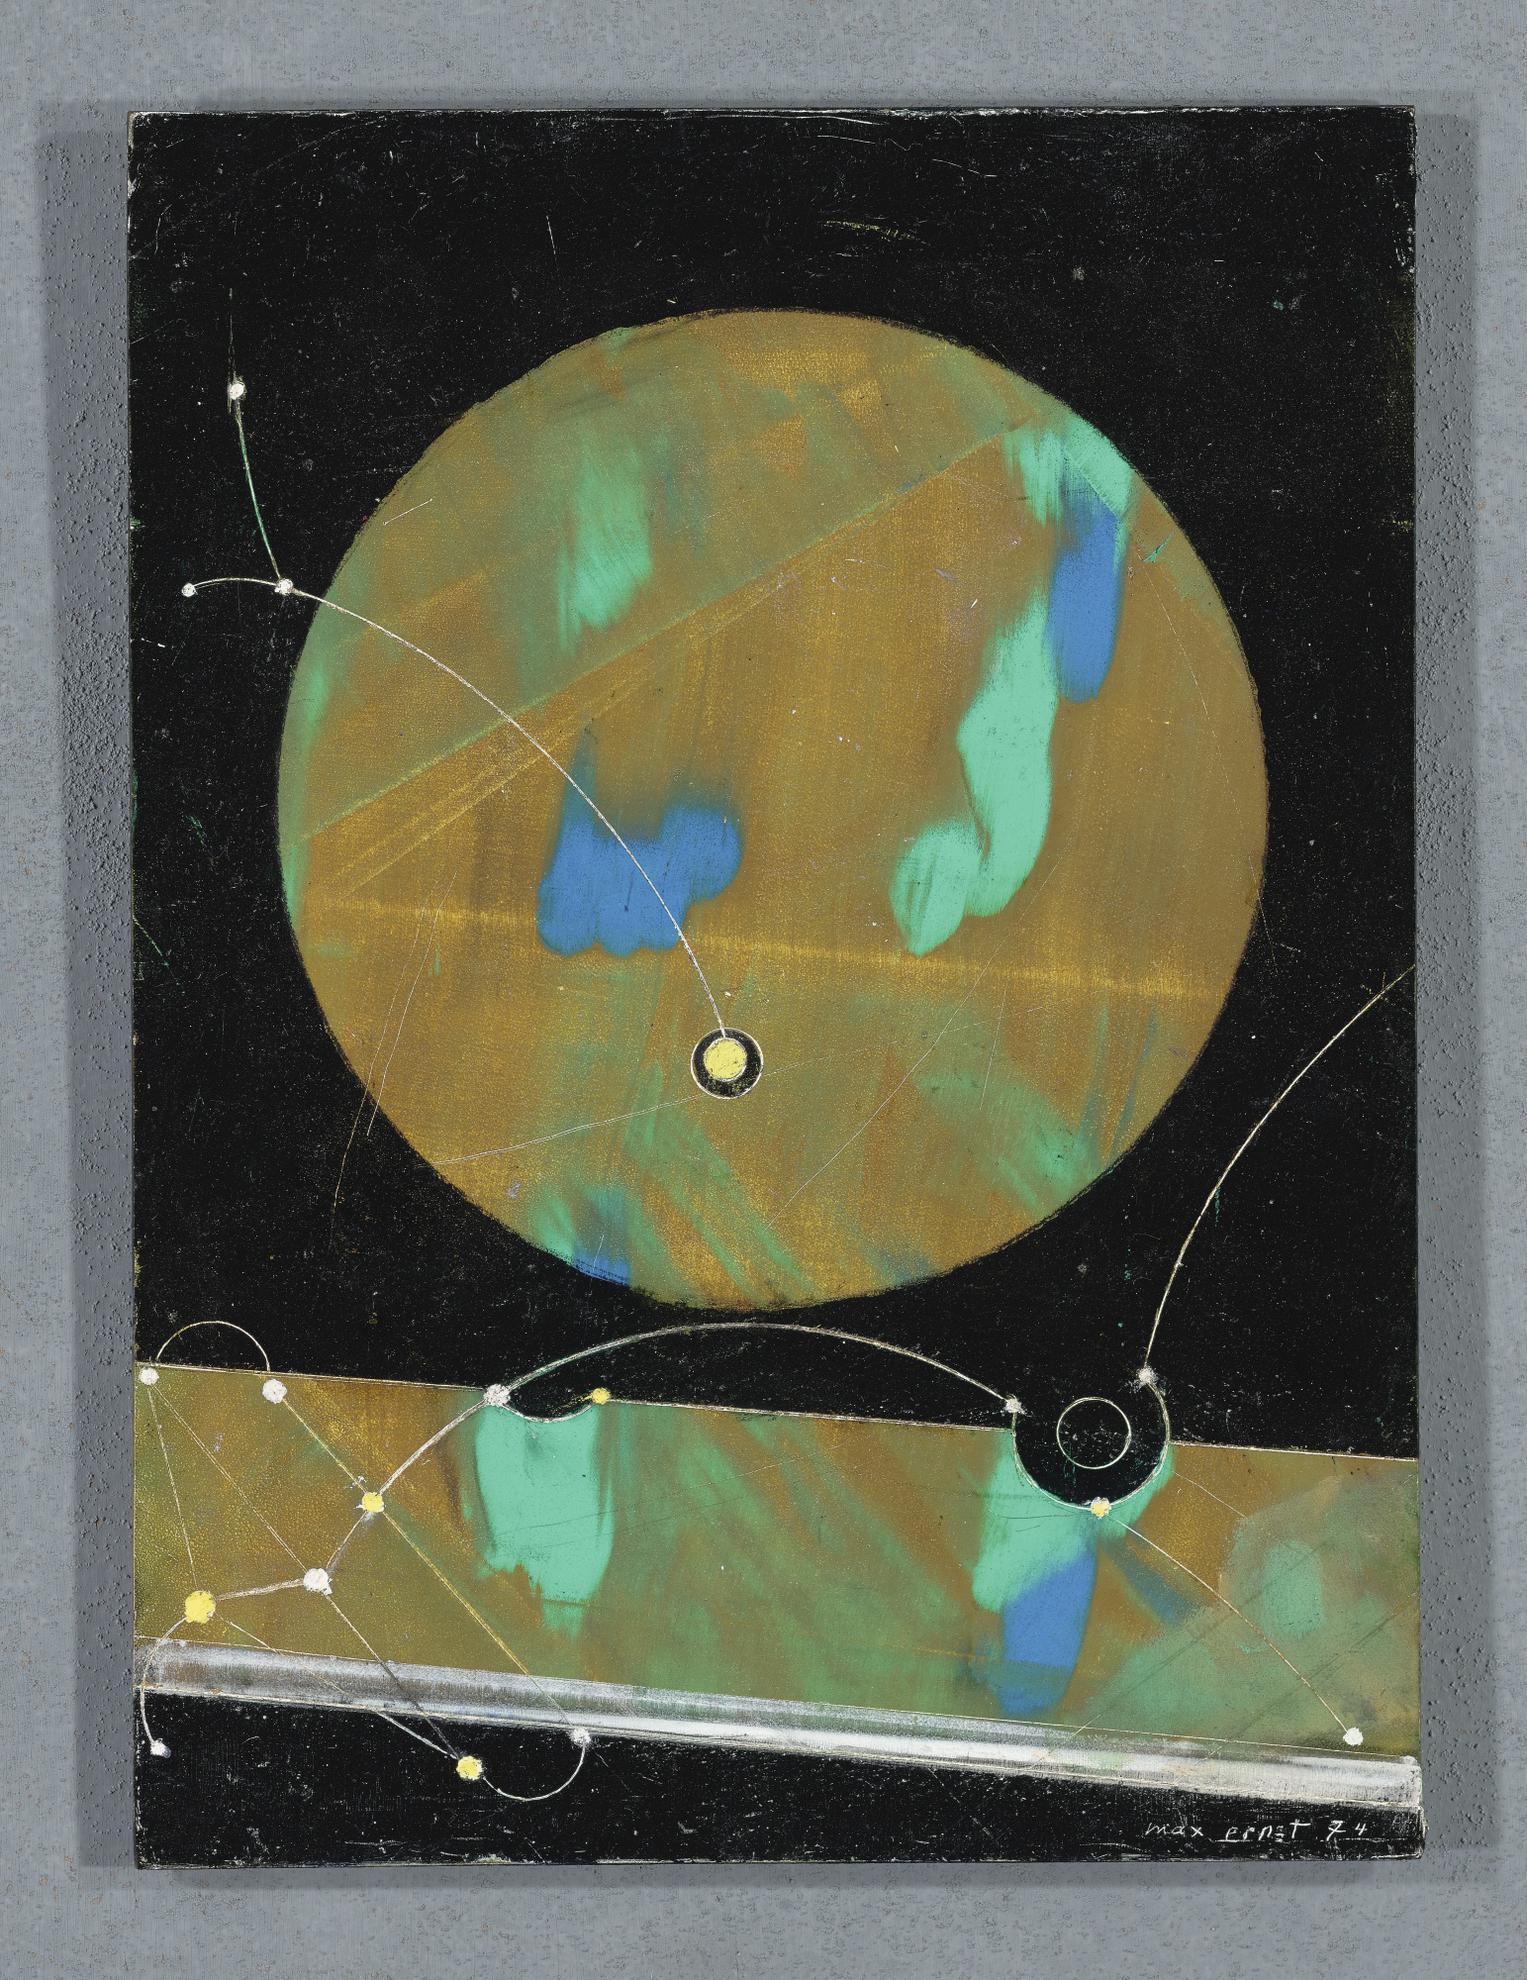 Max Ernst-Configuration-1974